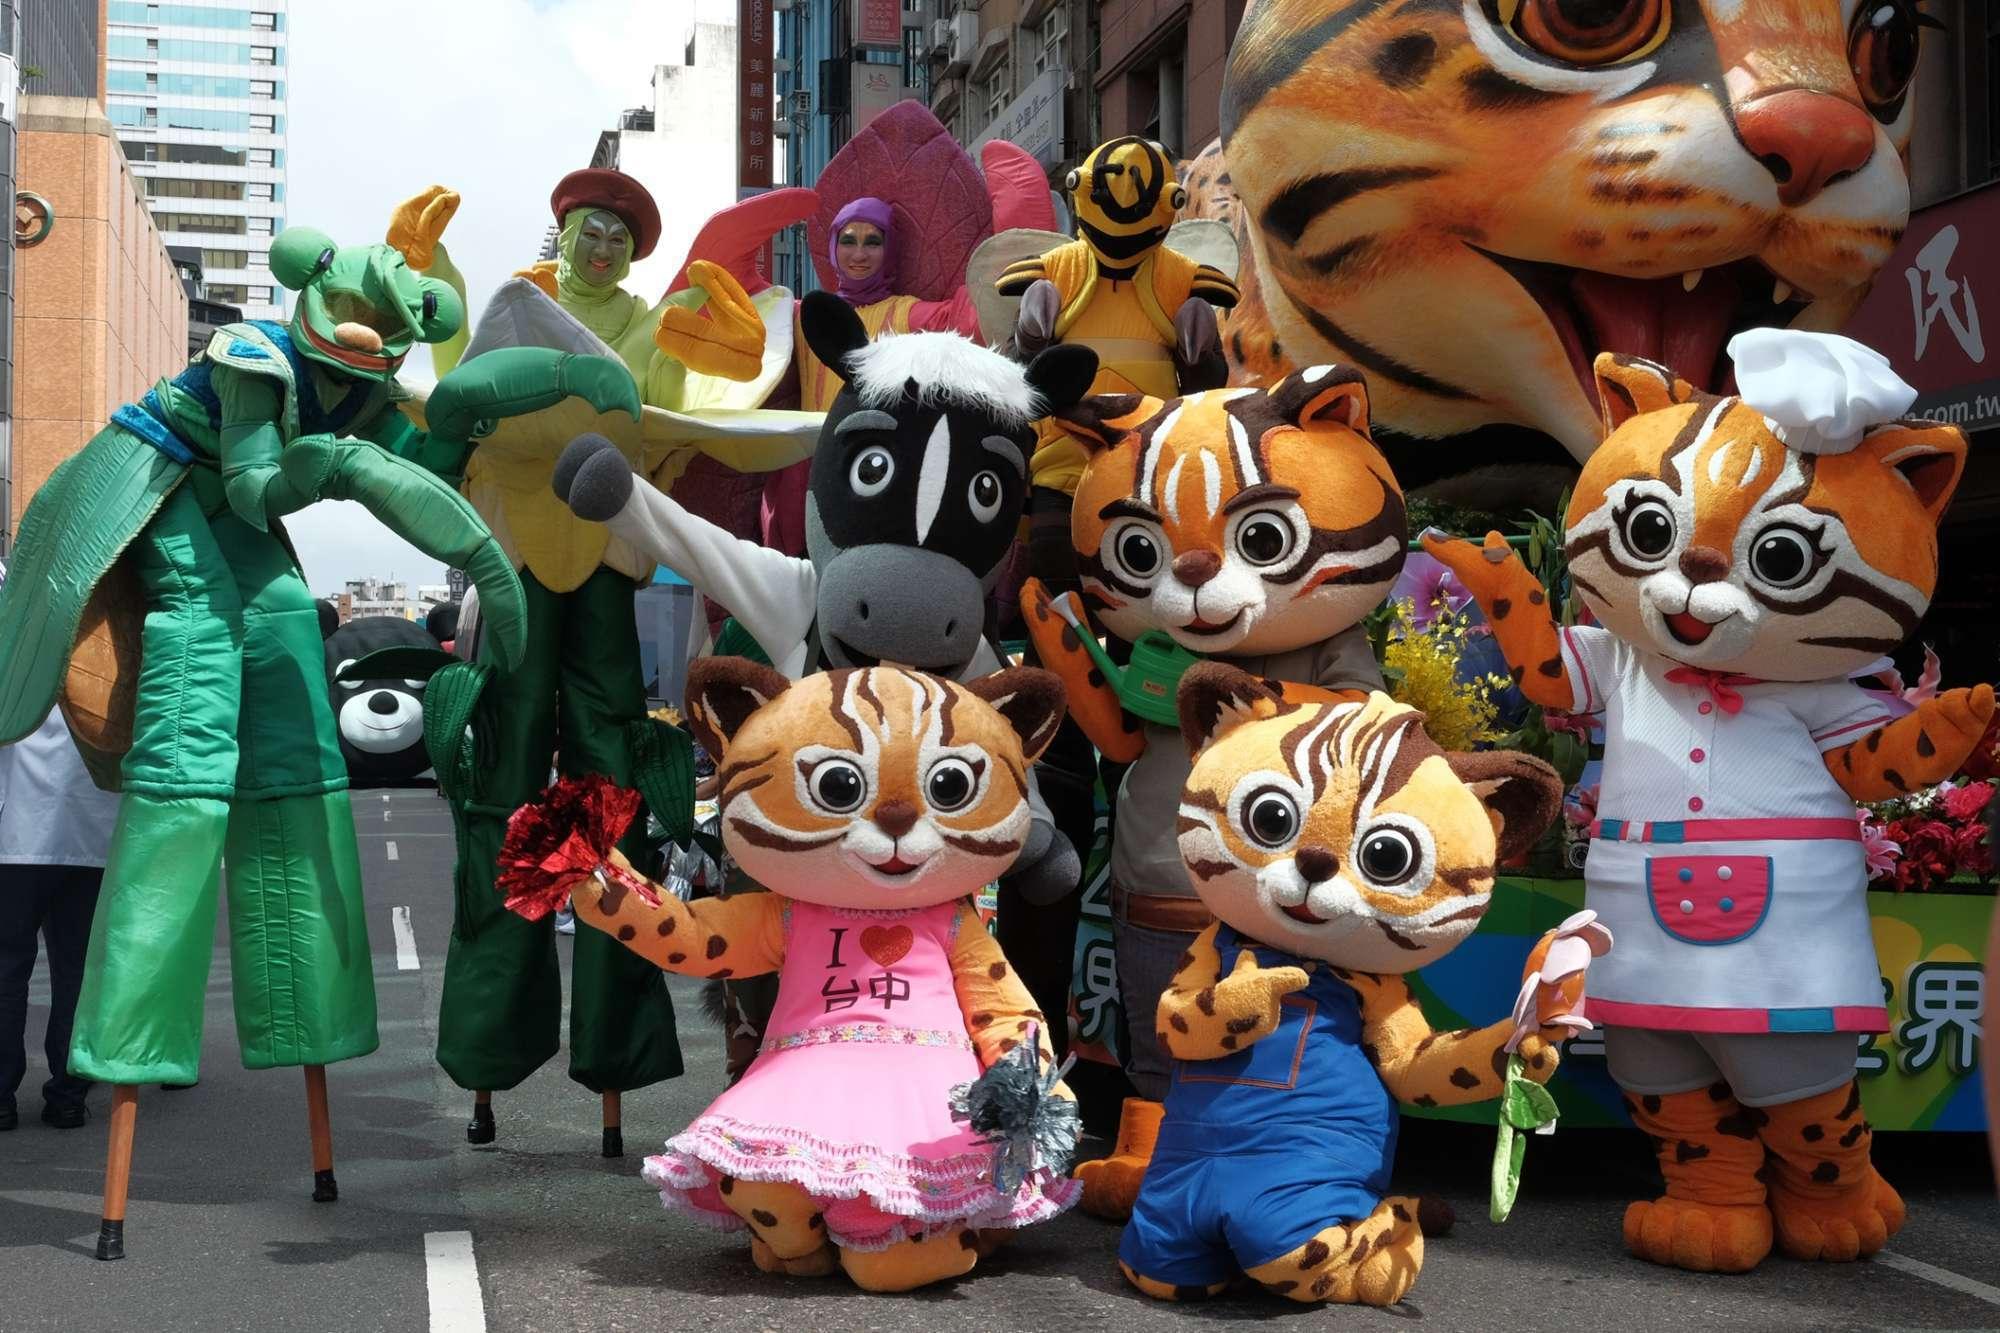 台中世界花卉博览会